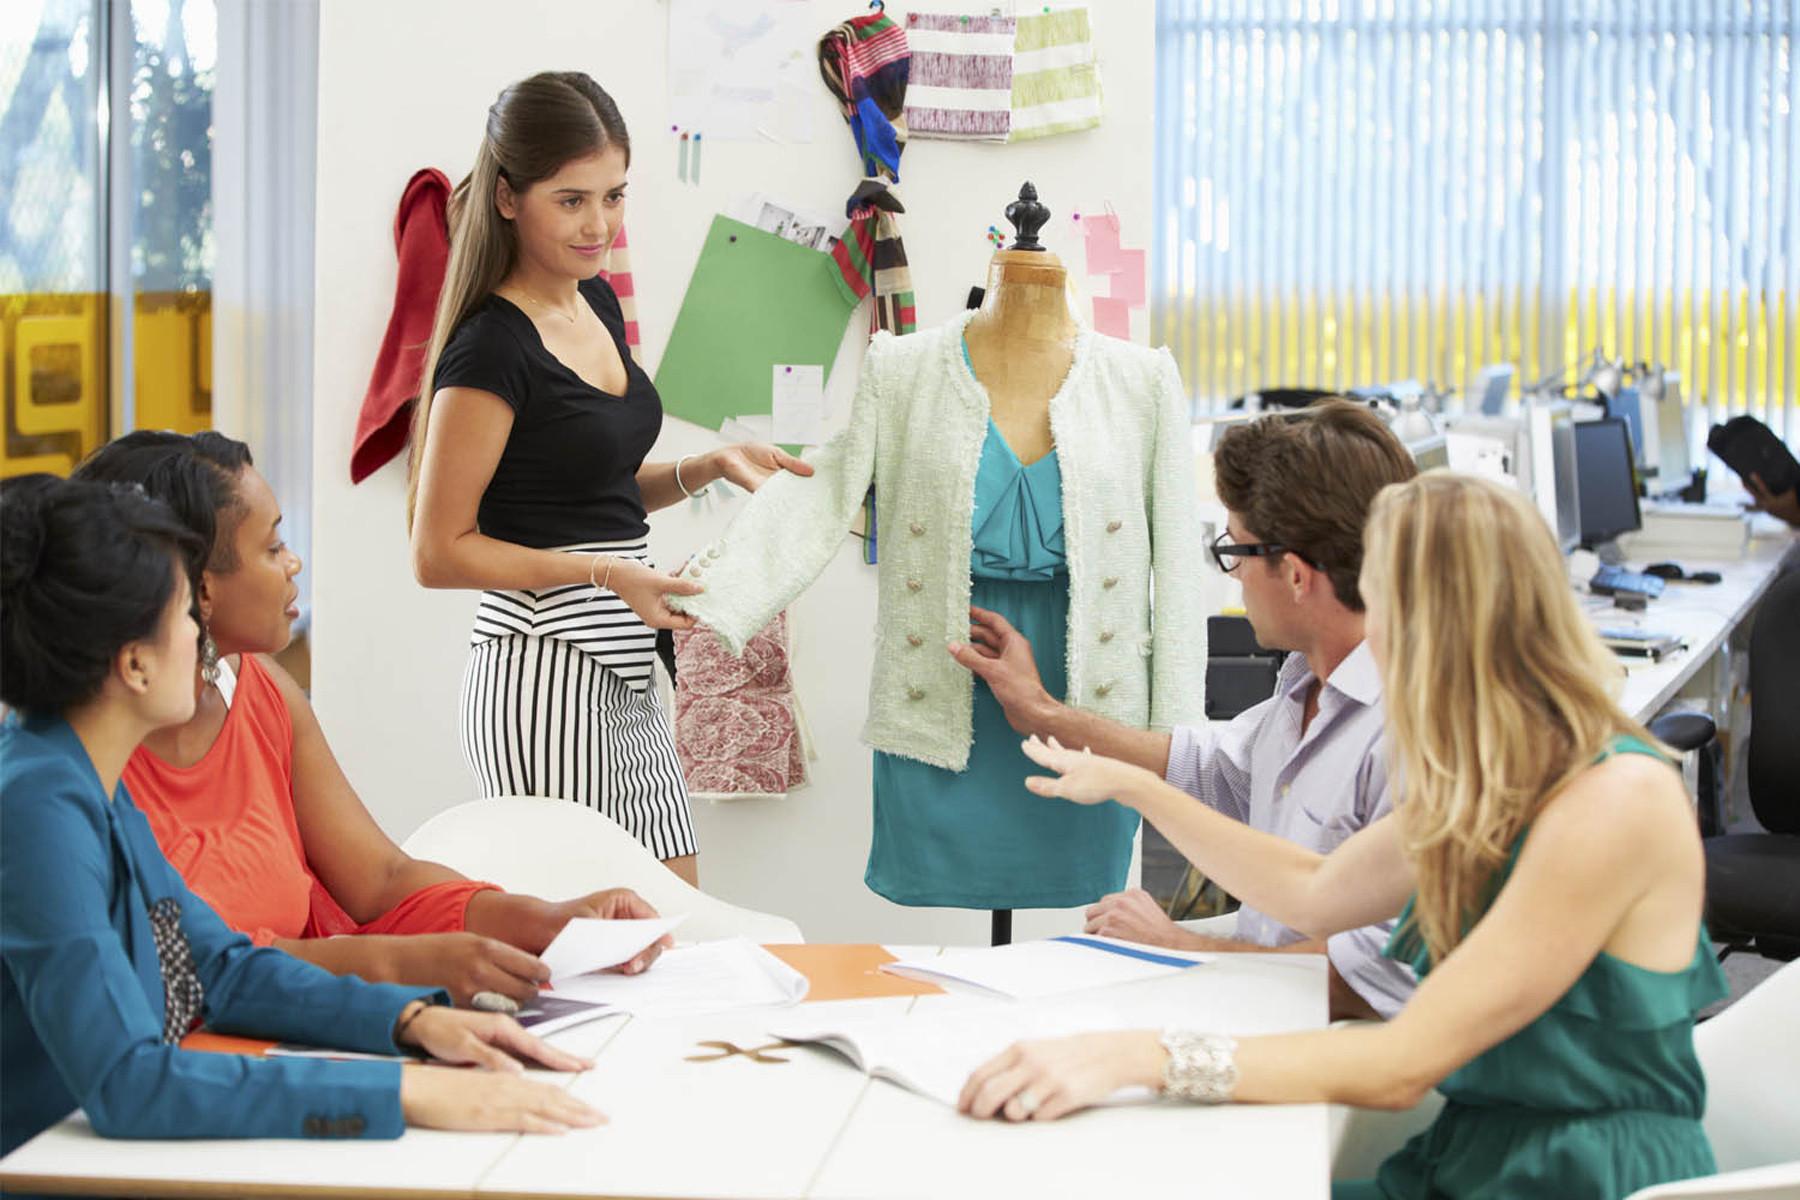 Sewing Skills Workshop